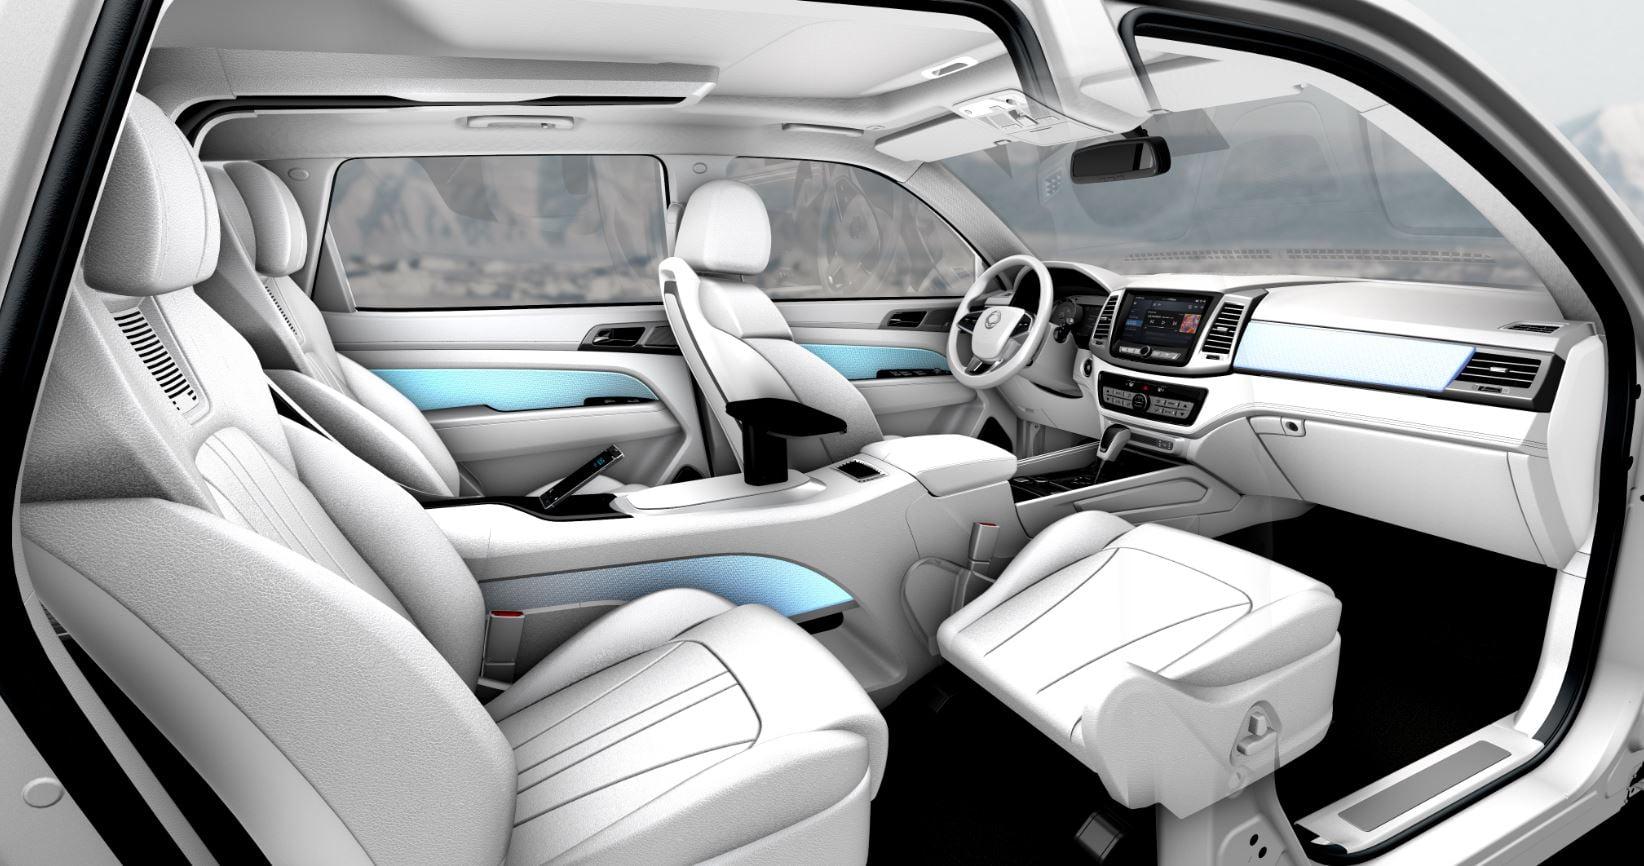 interior-ssangyong-rexton-2017-concept-1